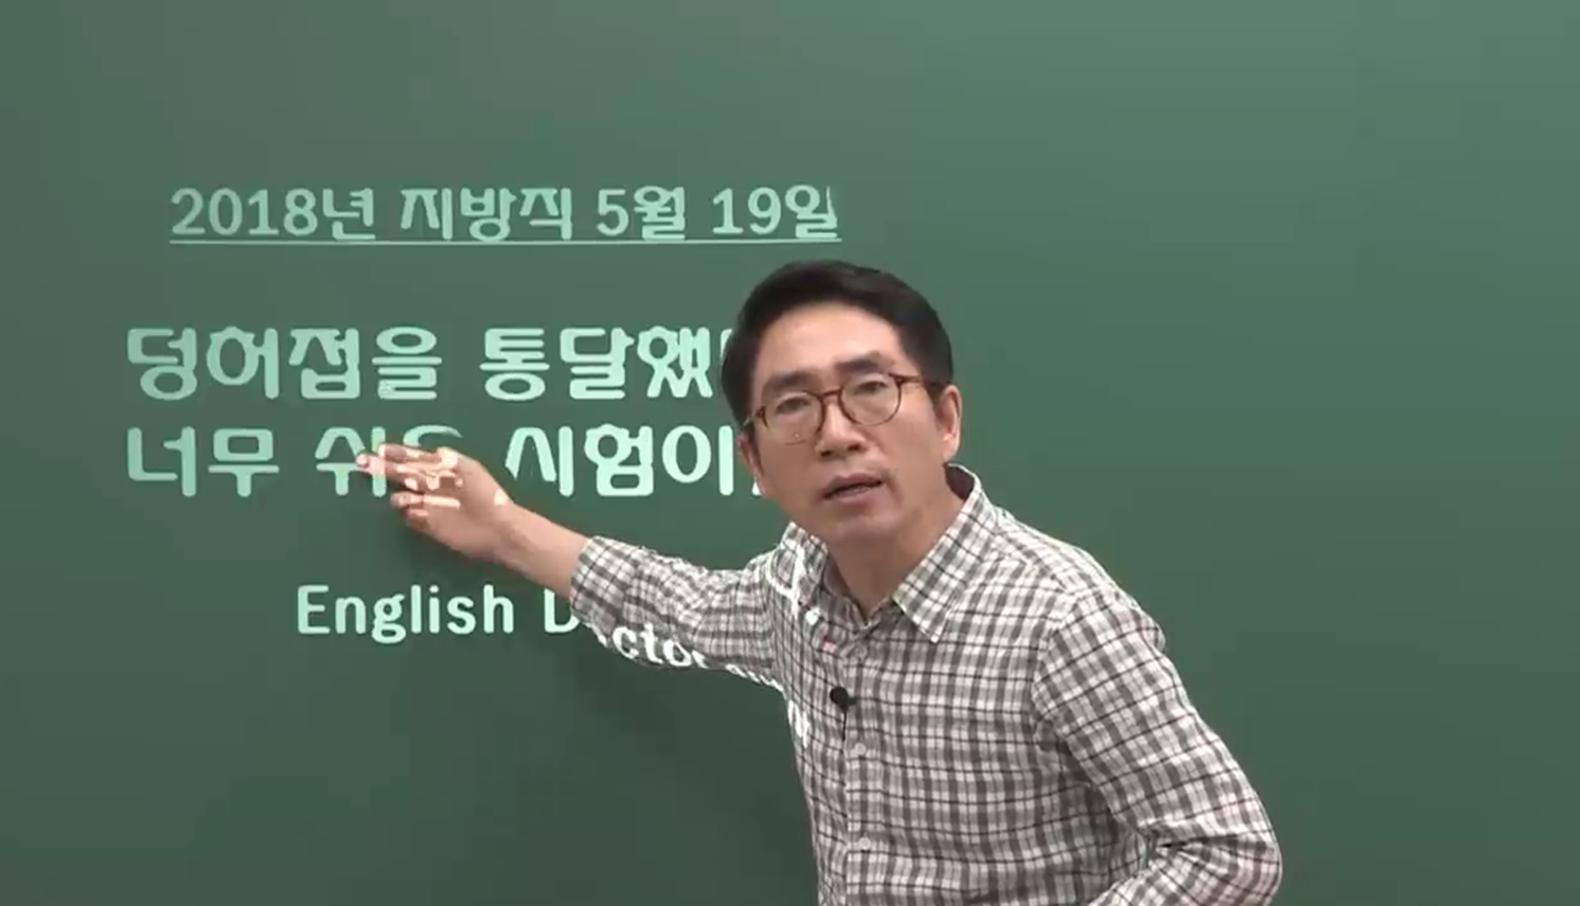 2018 지방직 9급 영어 해설강의 무료동영상